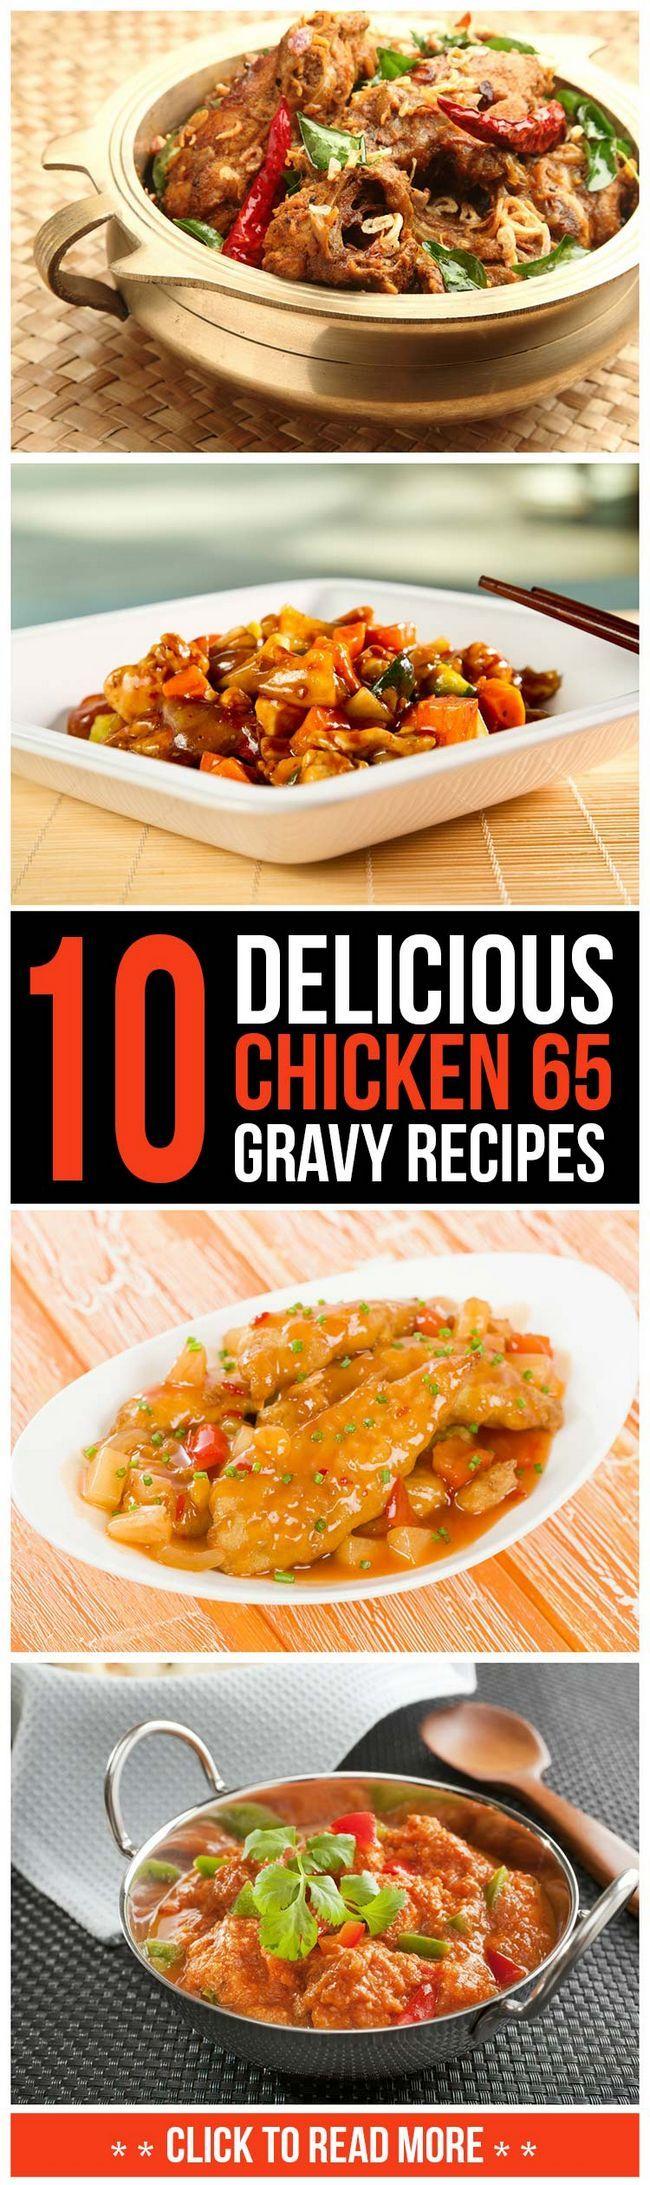 10 Köstliches Huhn 65 Soße Rezepte, die Sie müssen versuchen,